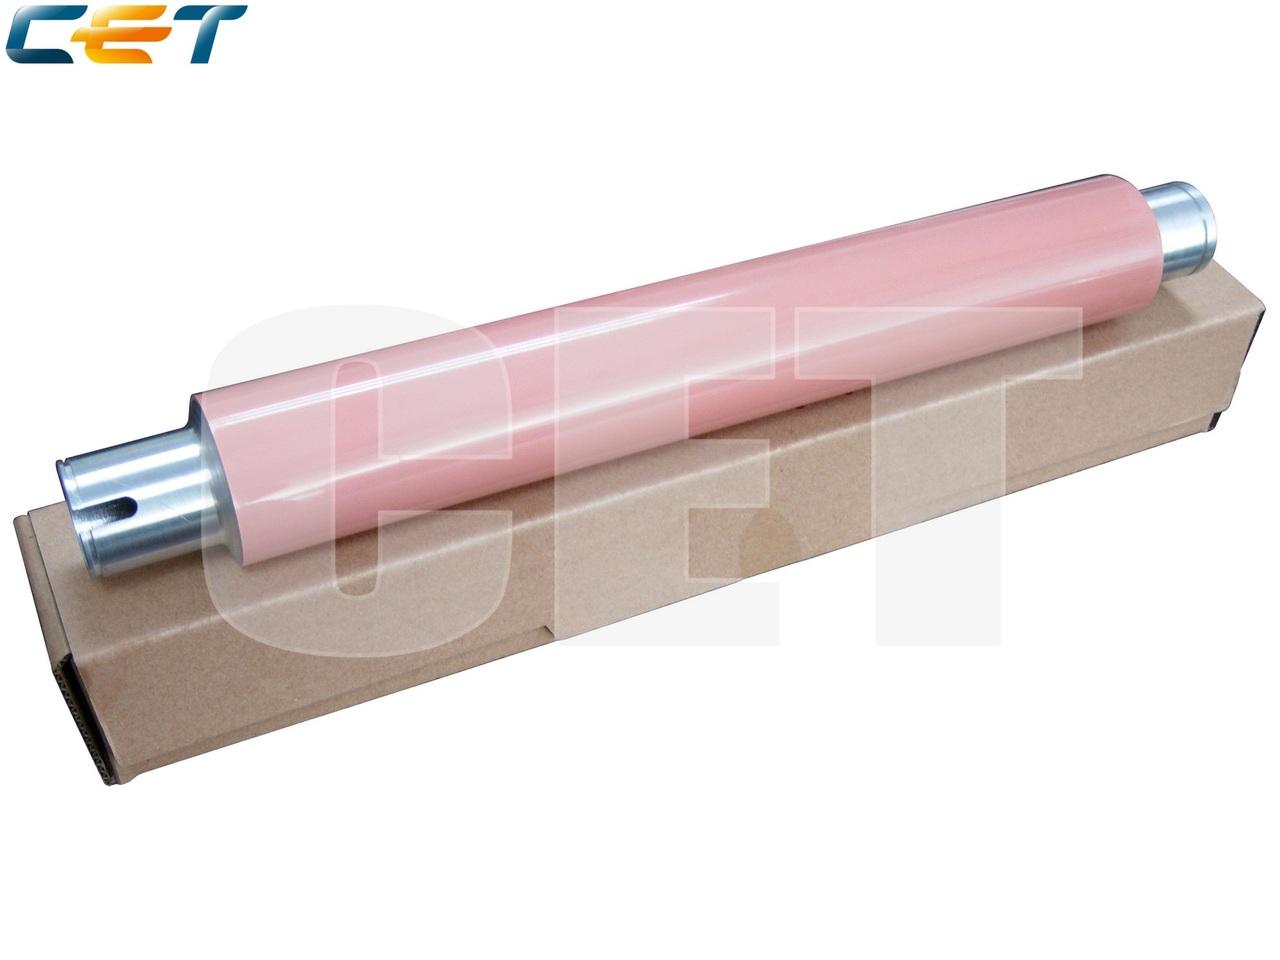 Тефлоновый вал RB2-5948-000 для HP LaserJet9000/9040/9050 (CET), CET2446